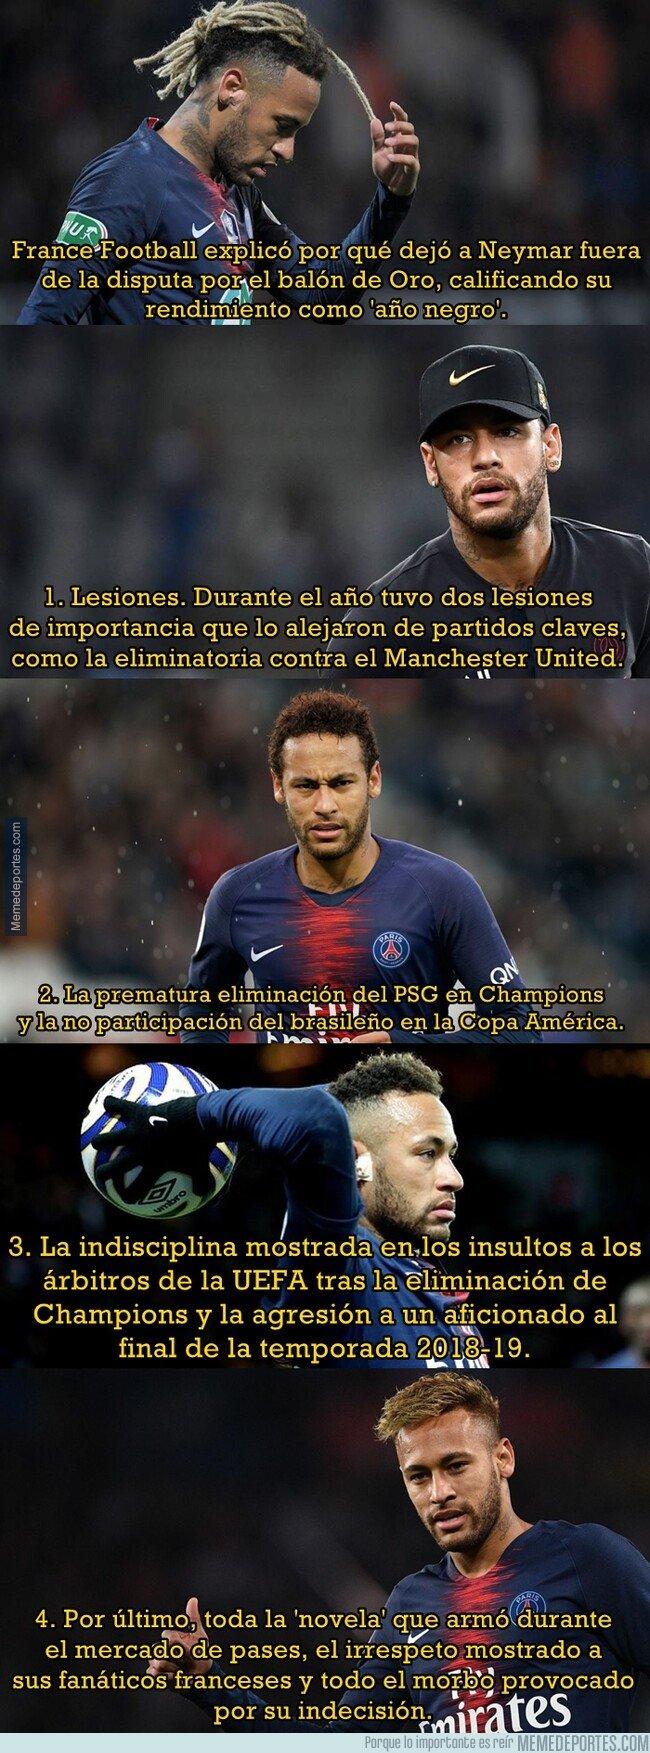 1089036 - France Football explica por qué Neymar no estuvo en la lista de los 30 nominados al Balón de Oro